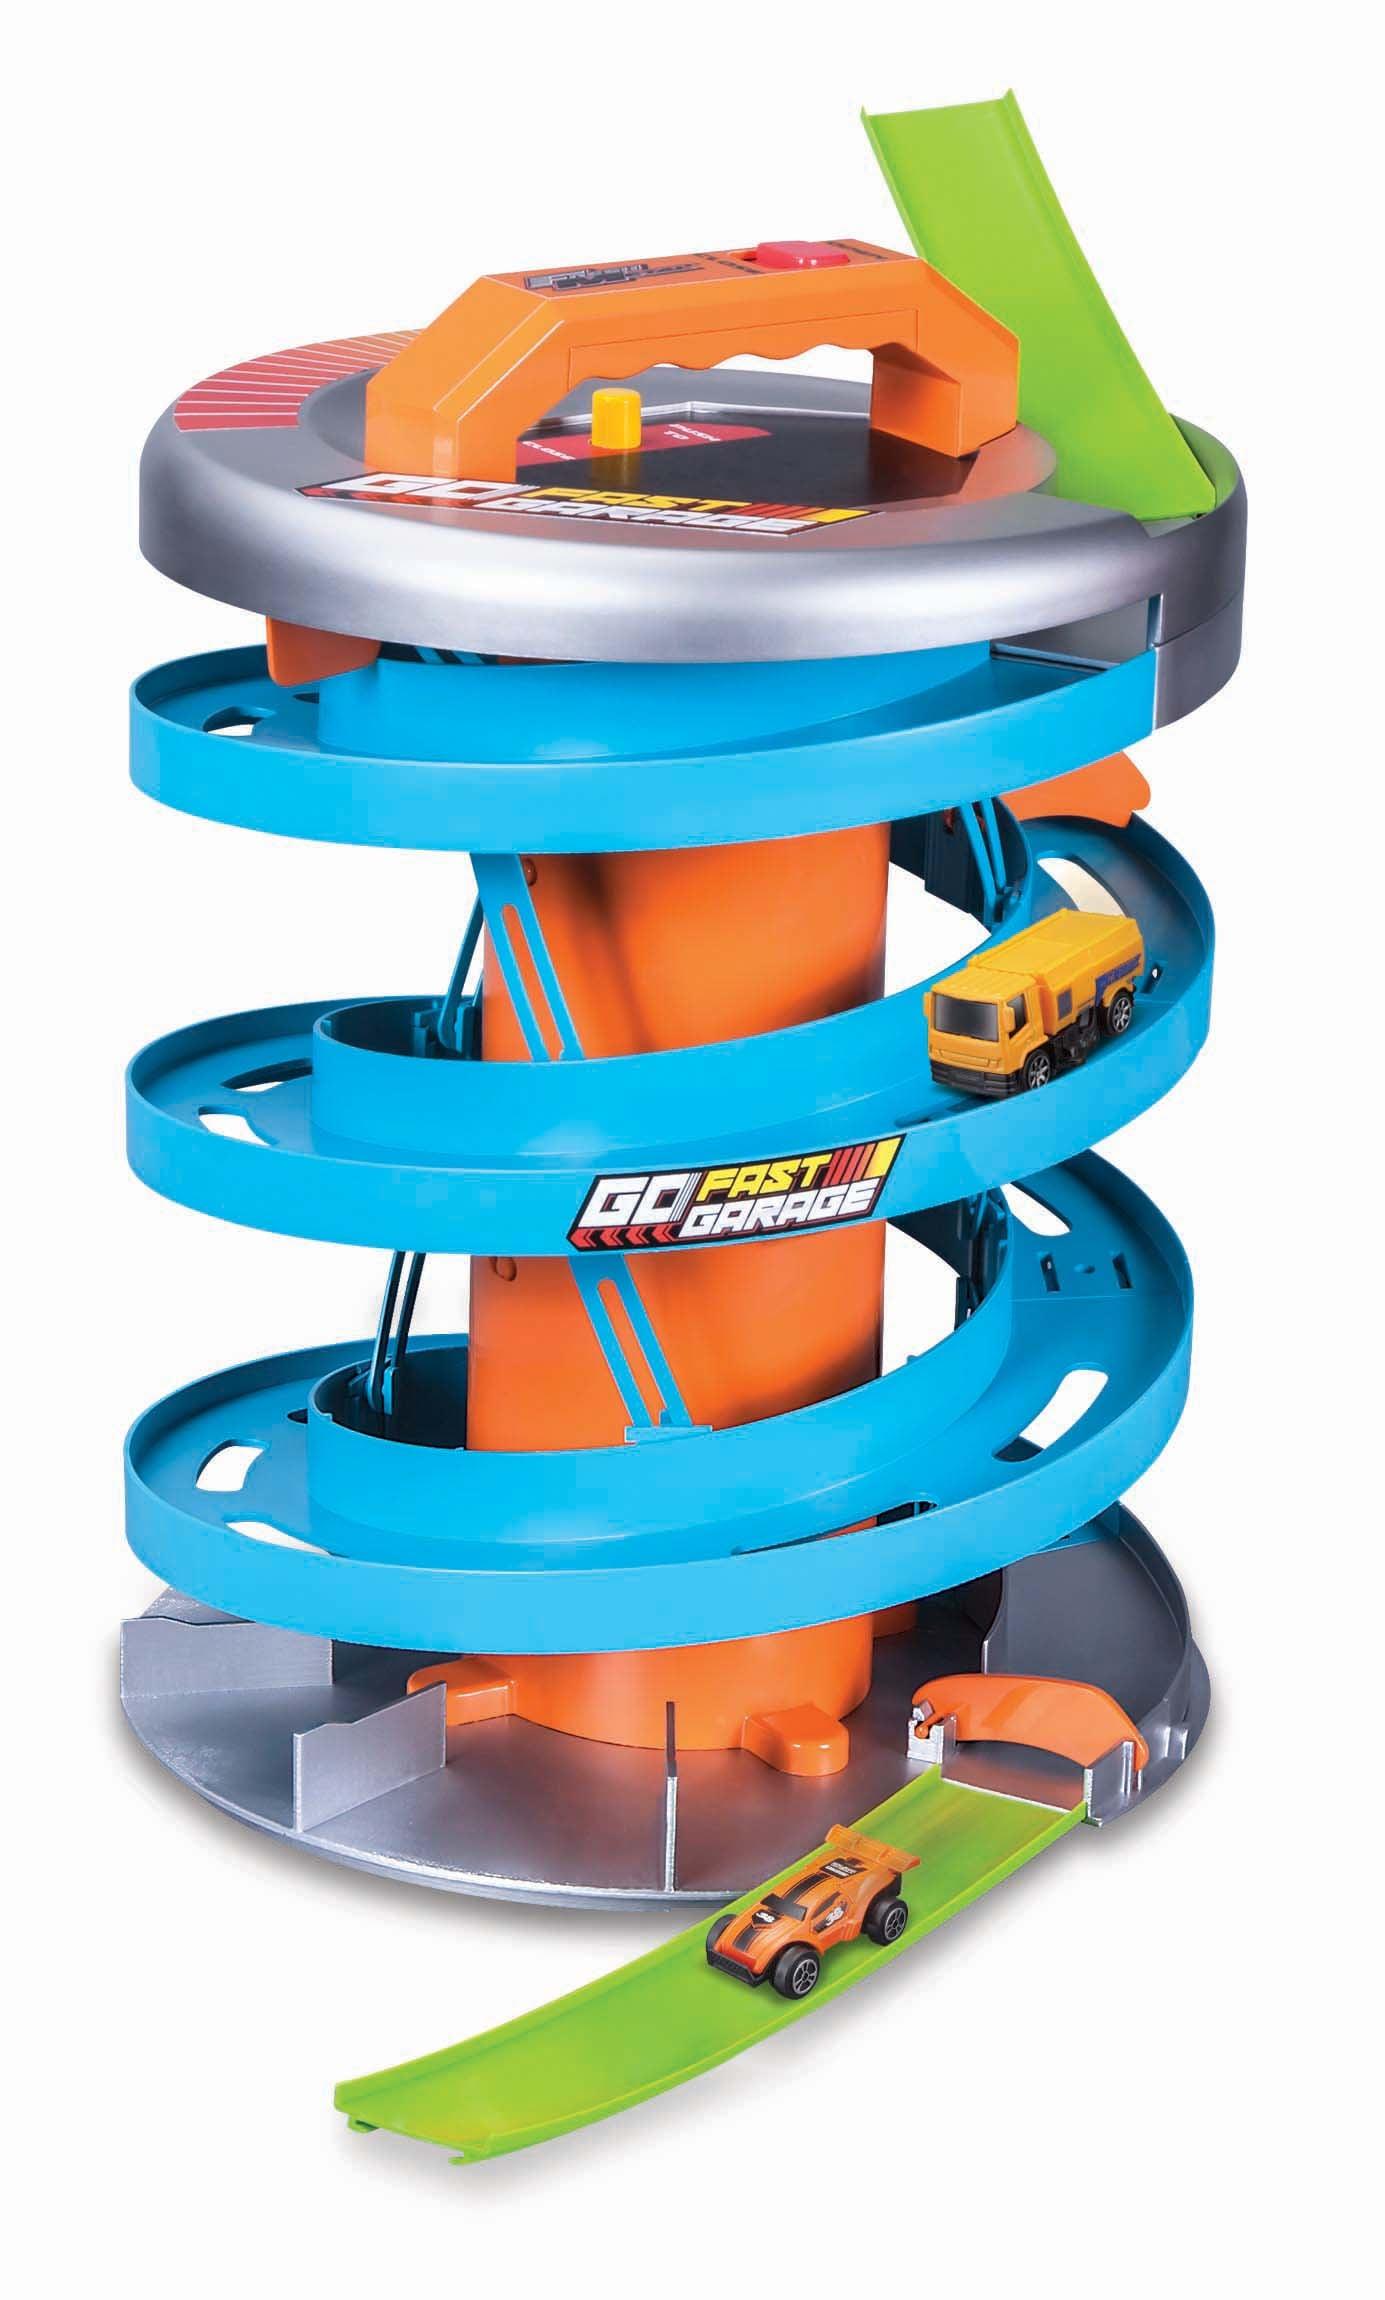 Maisto Spiel-Parkgarage GoFastGarage, inklusive 2 Fresh Metal Autos bunt Kinder Zubehör für Spielzeugautos Autos, Eisenbahn Modellbau